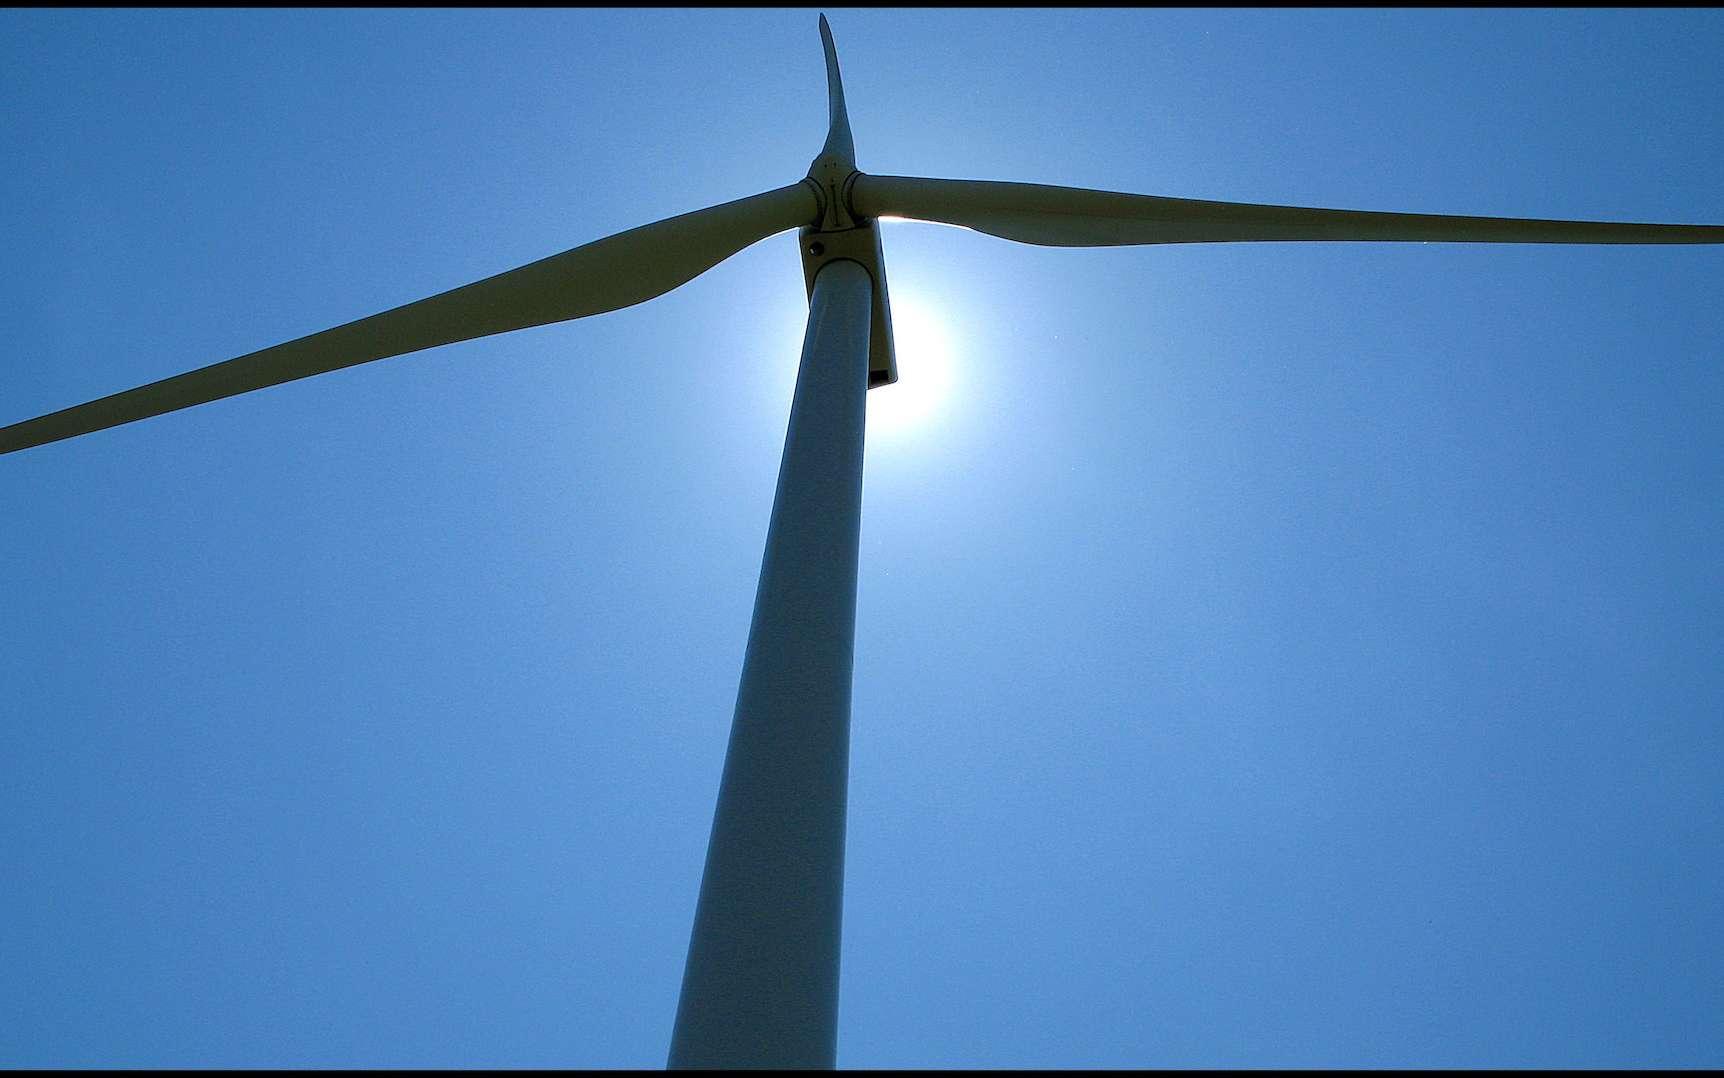 Énergies solaire et éolienne auront vraisemblablement leur rôle à jouer dans la transition énergétique. © Dominique, Flickr, CC by-nc-nd 2.0